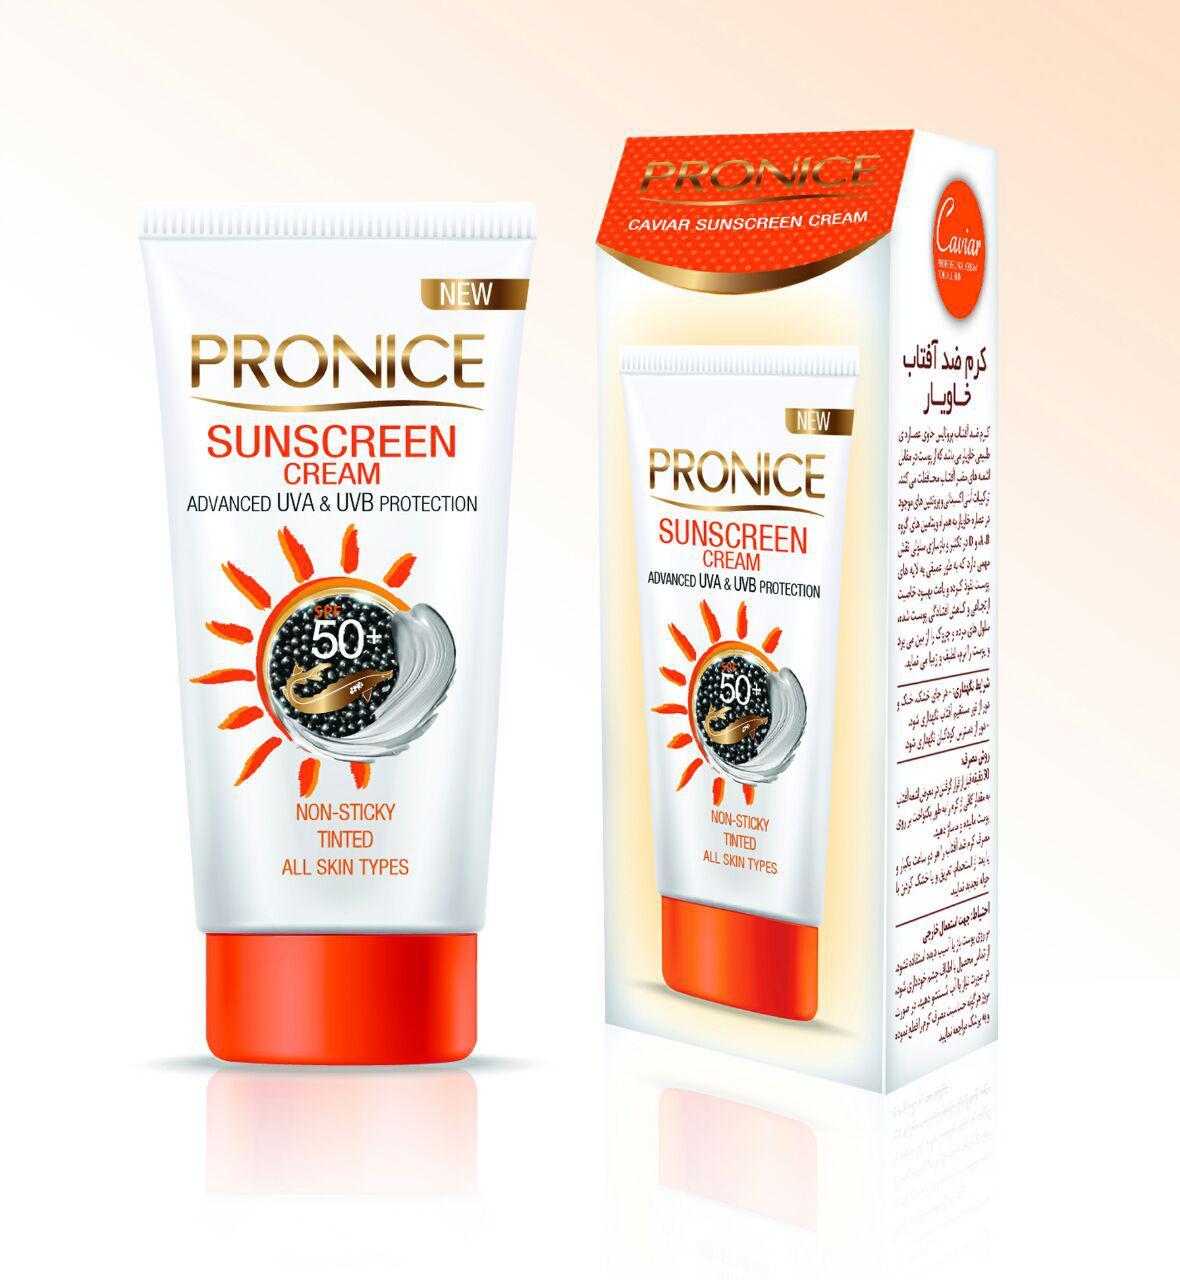 تولید اولین کرم ضد آفتاب خاویار پرونایس توسط شرکت داروسازی بهداشتی دکتر جهانگیر